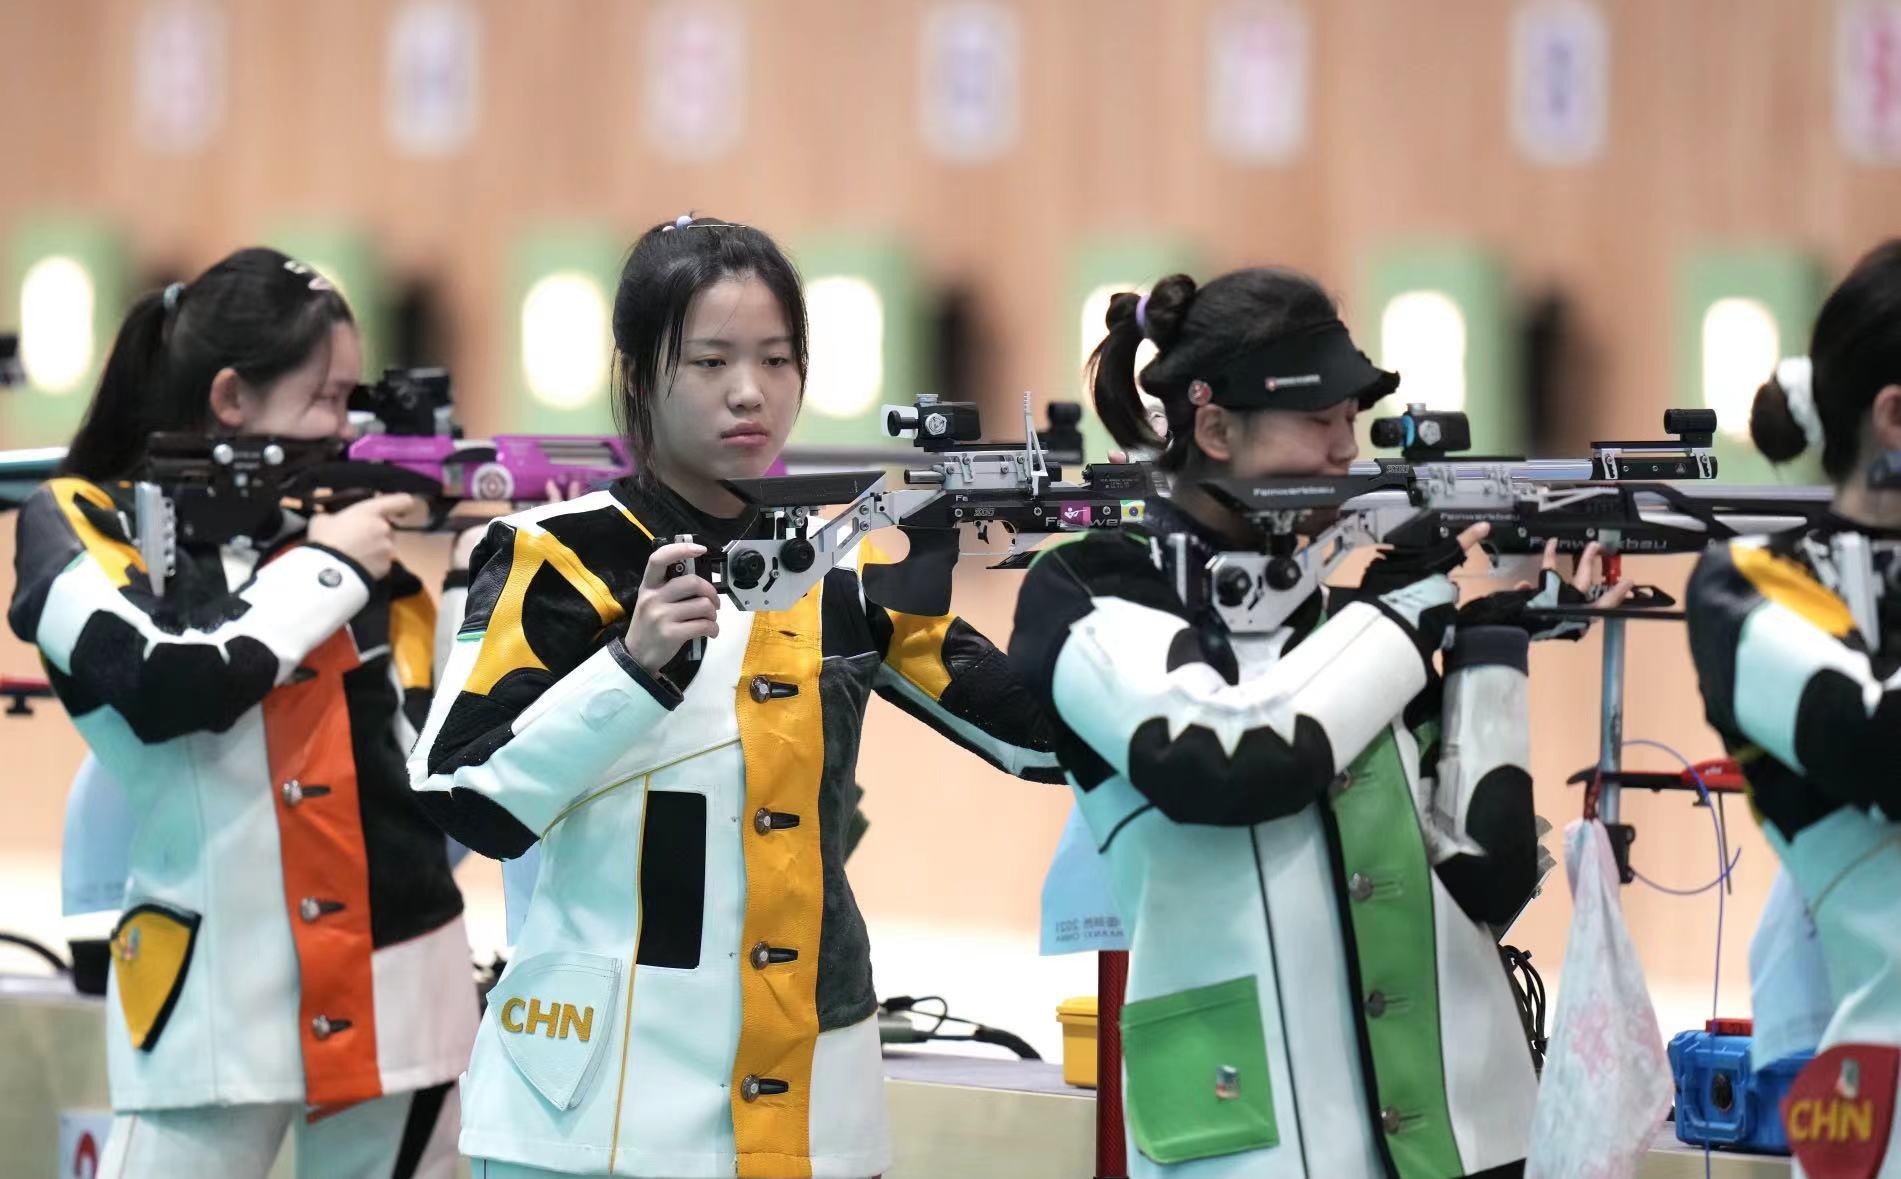 杨倩(左二)在全运会女子10米气步枪预赛中。北京日报客户端记者 刘平 摄